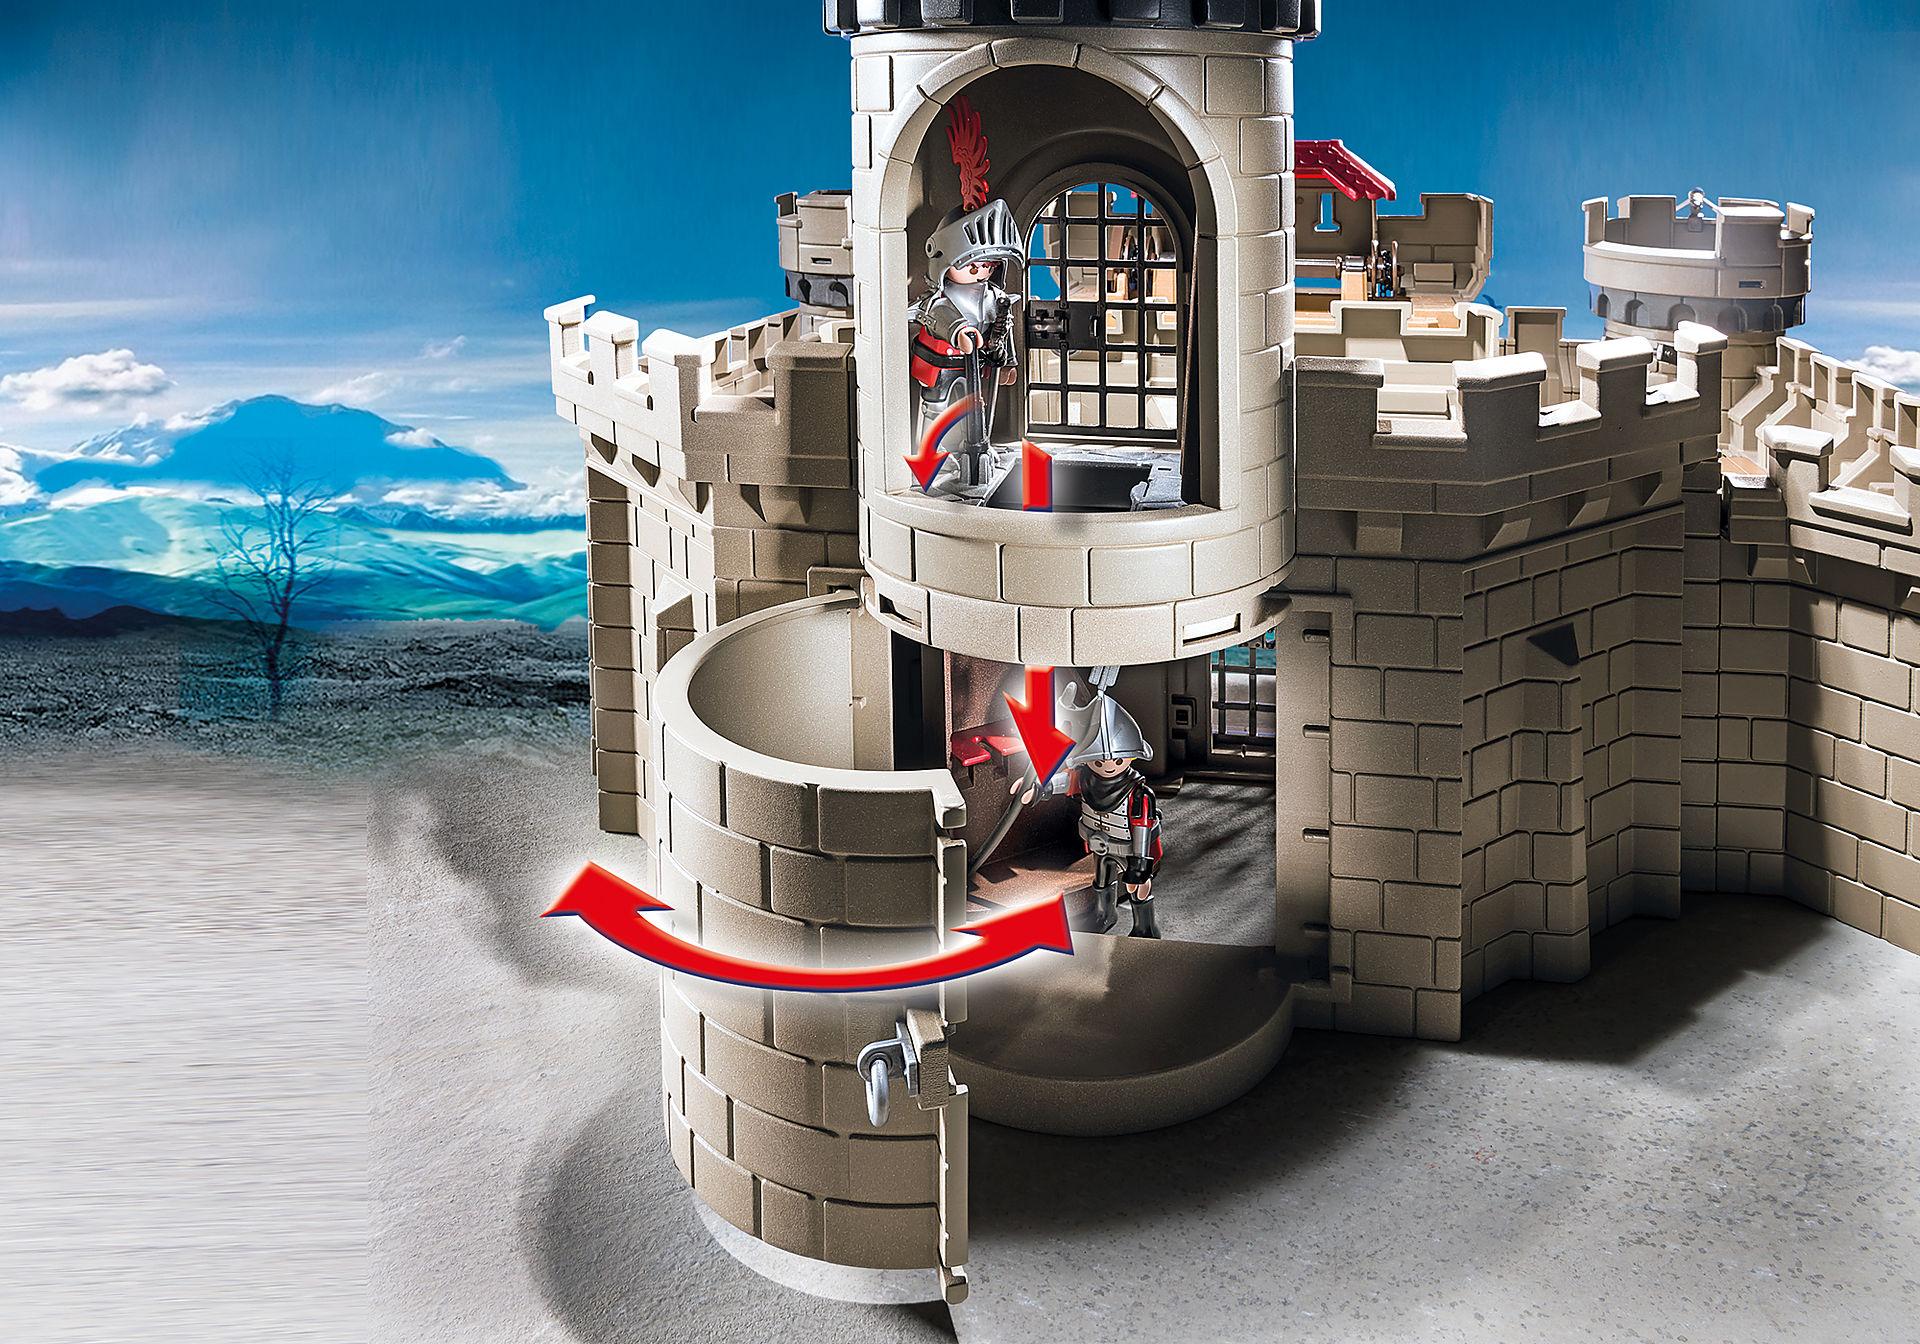 http://media.playmobil.com/i/playmobil/6001_product_extra3/Castillo de los Caballeros del Halcón